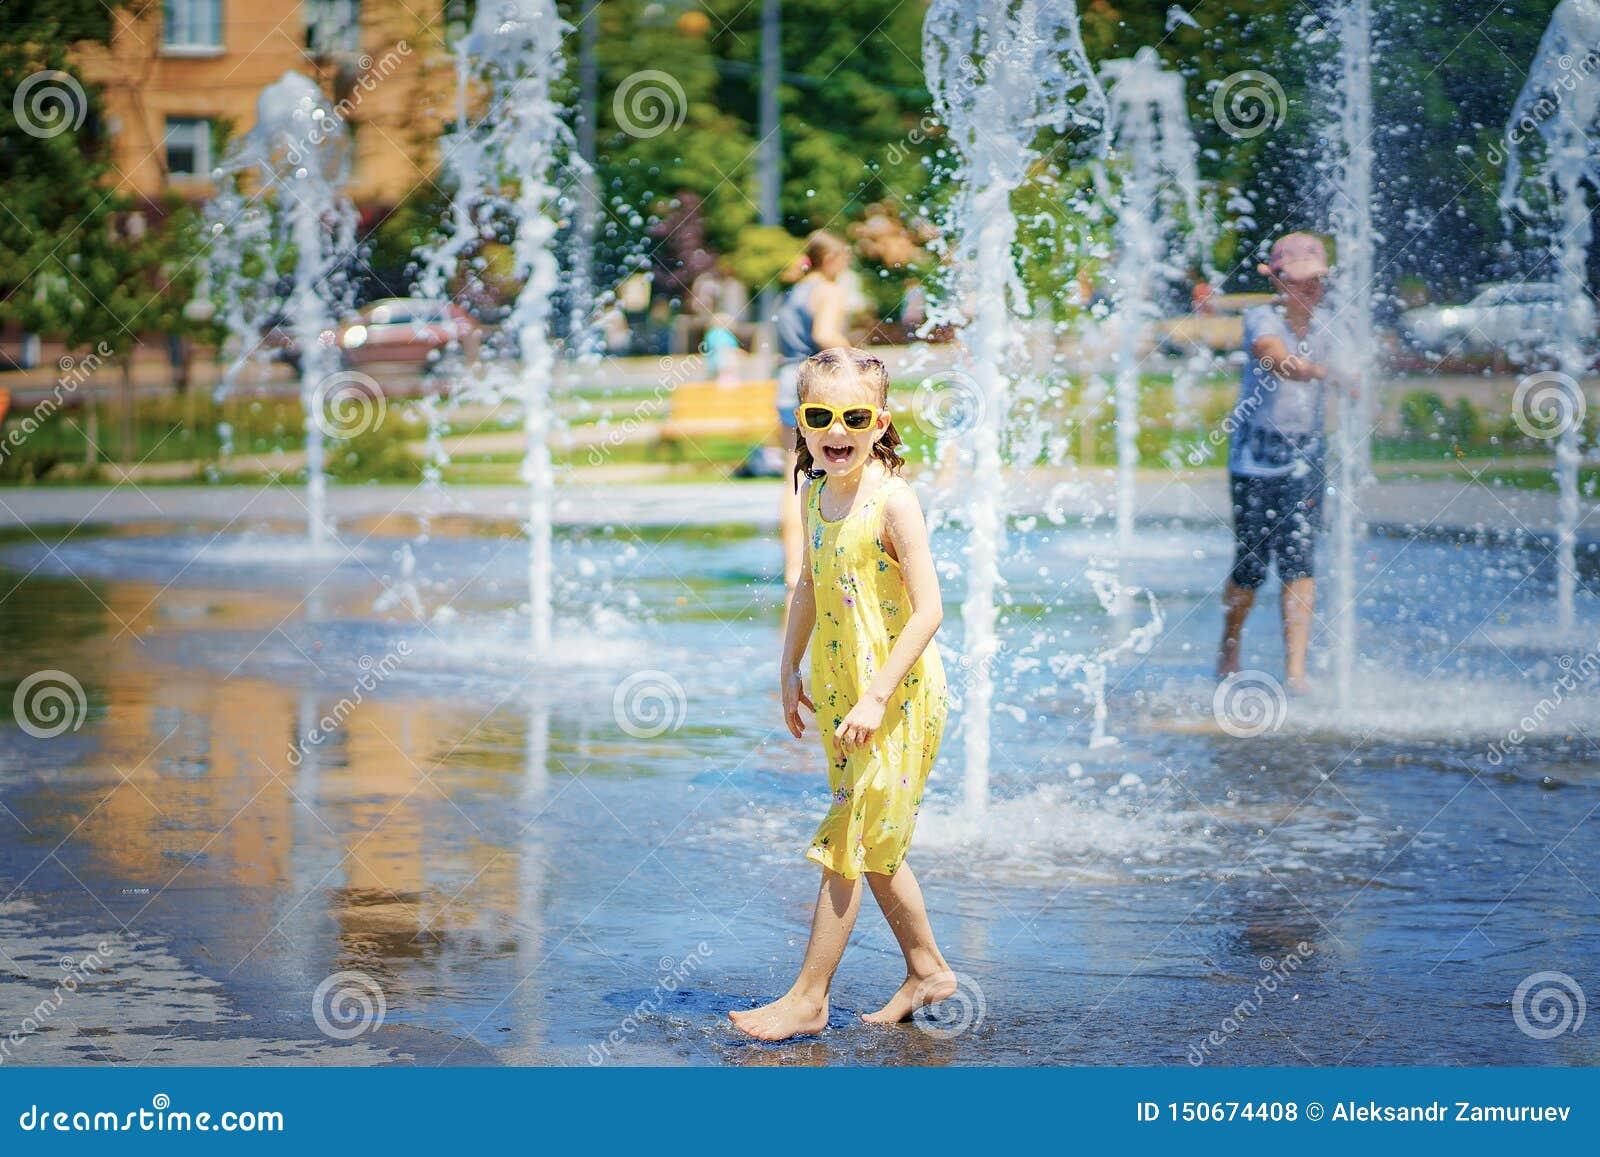 Mädchen im gelben Kleid, das Spaß den Spray des Brunnens genießend spielt und hat